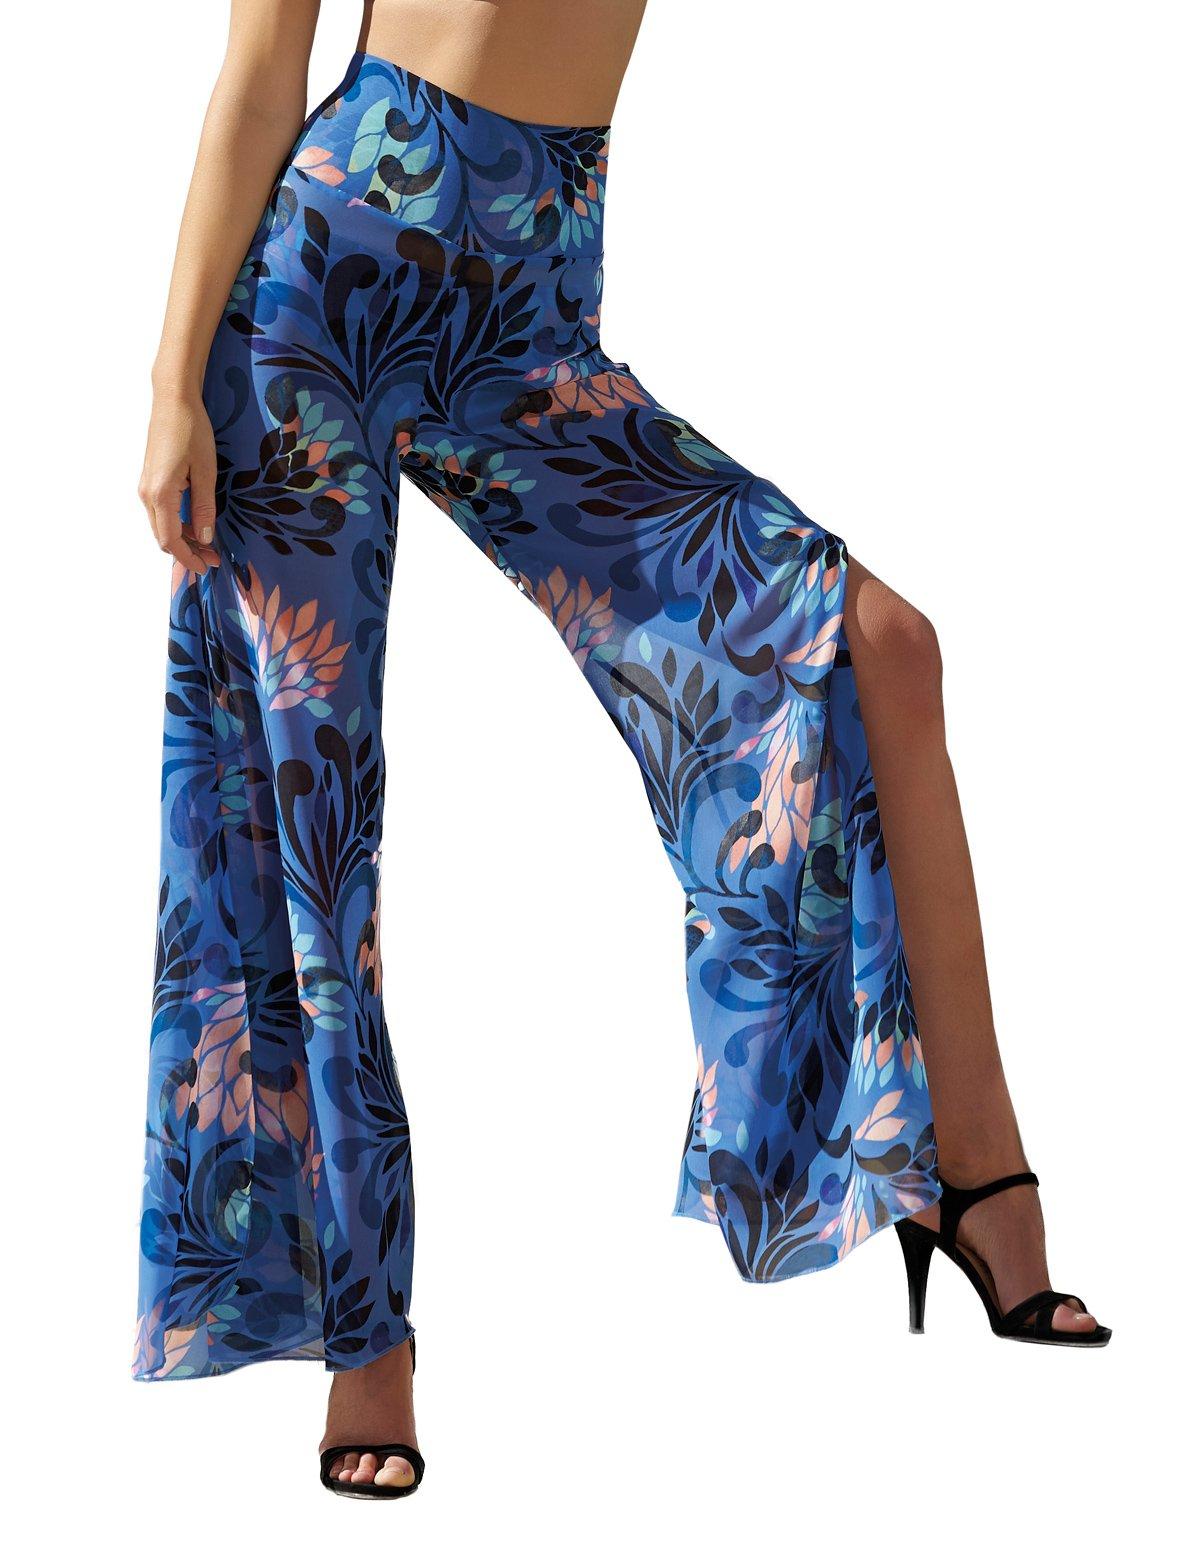 Opera 63500-26 Women's Summer Night Blue Motif Trouser Beach Pant